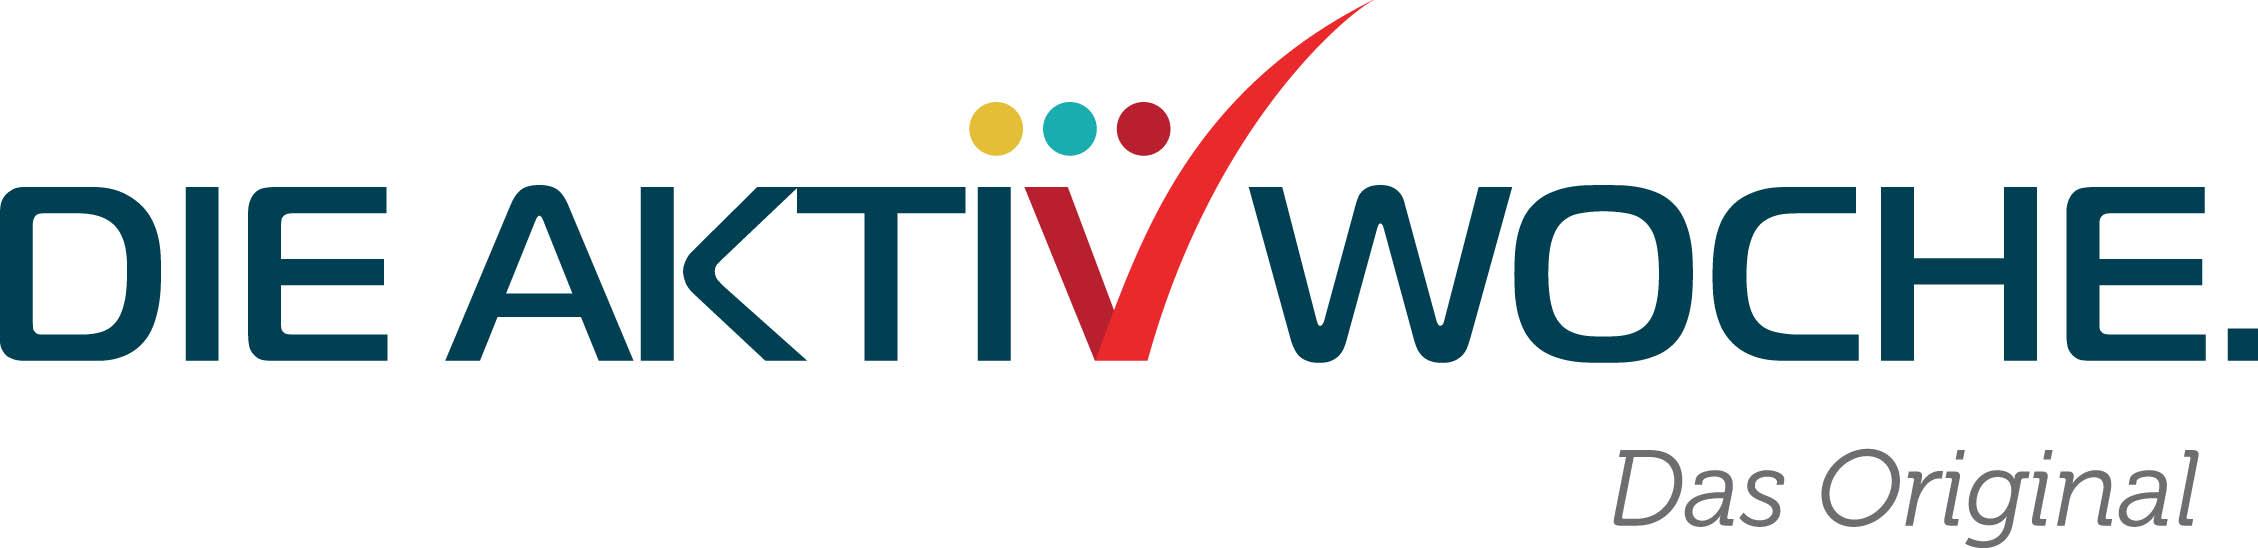 Logo Aktivwoche - Das Original